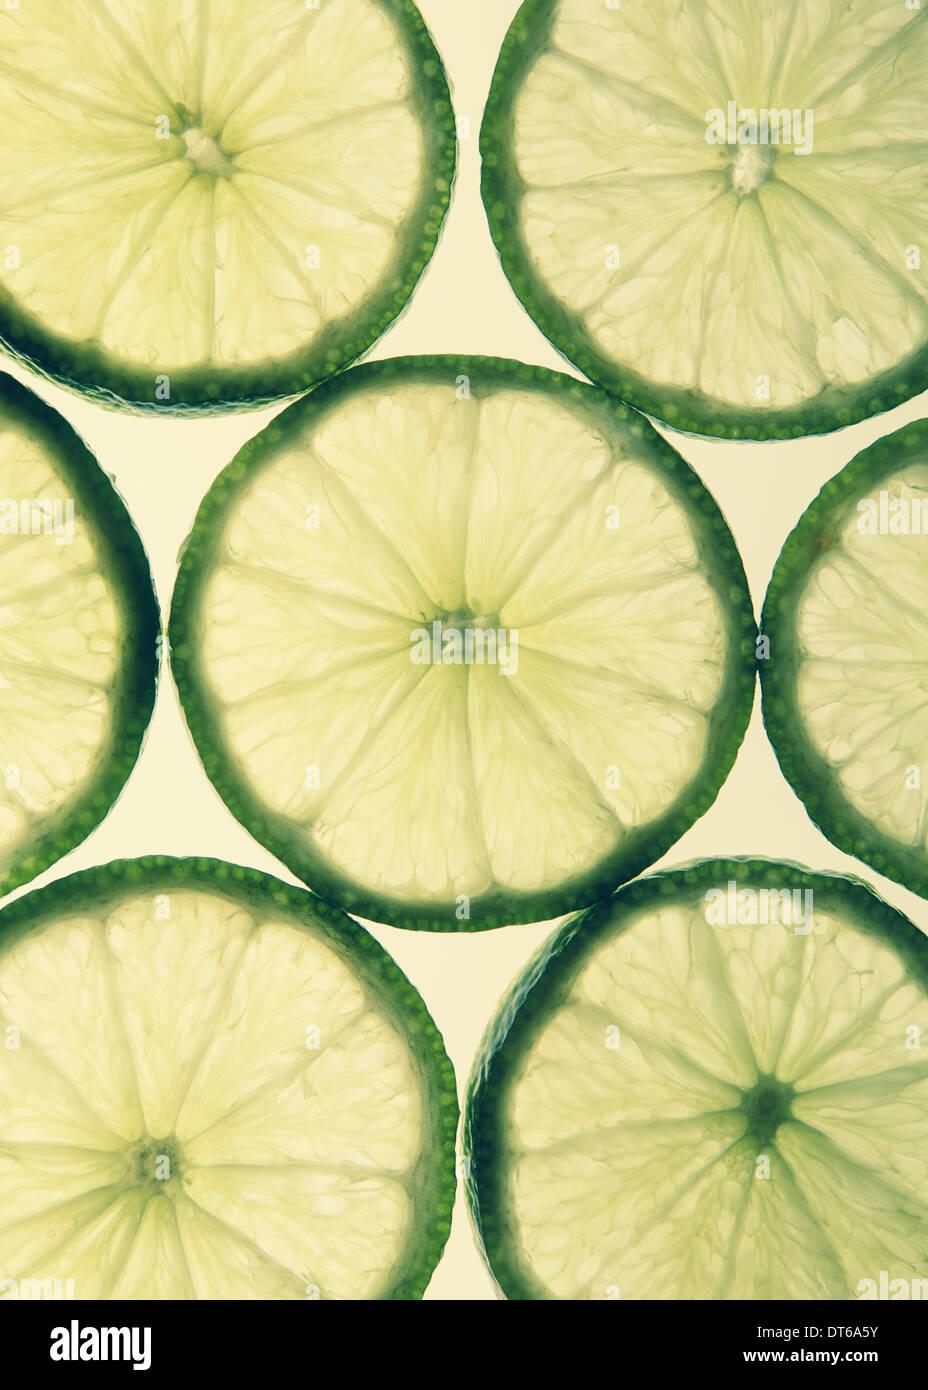 Rodajas de limón orgánico sobre fondo blanco. Imagen De Stock